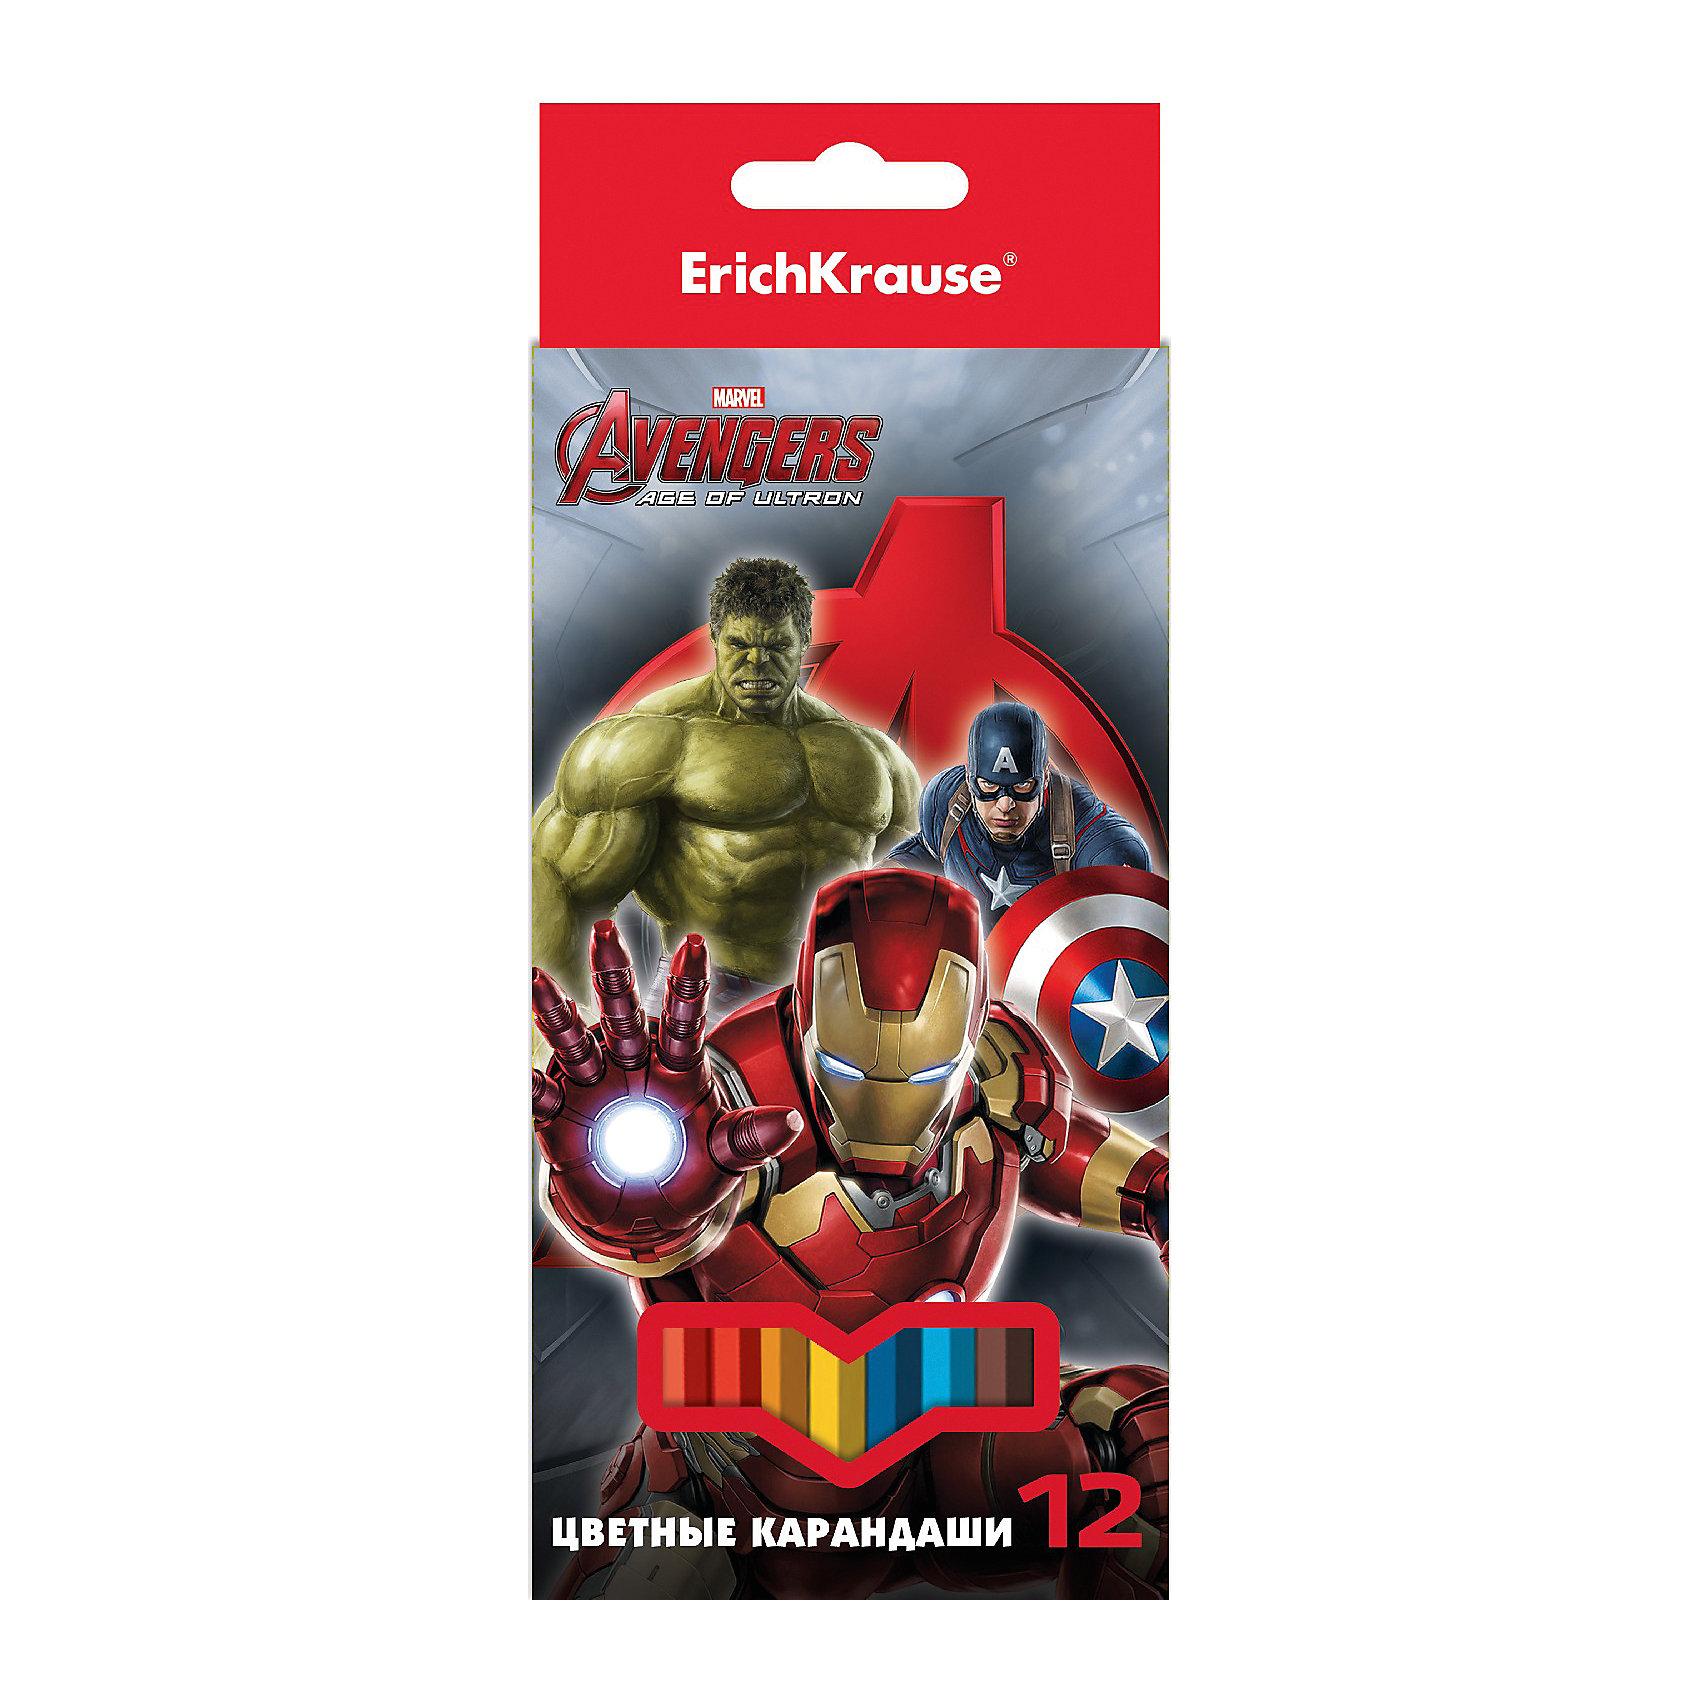 Карандаши Мстители-2, 12 цветовХарактеристики карандашей Мстители-2:<br><br>• возраст: от 5 лет<br>• герой: супергерои<br>• пол: для мальчиков<br>• комплект: 12 карандашей.<br>• материал: древесина, грифель.<br>• размер упаковки: 20х9х1 см.<br>• упаковка: картонная коробка.<br>• толщина грифеля: 3 мм.<br>• карандаши: шестигранные.<br>• бренд: Erich Krause<br>• страна обладатель бренда: Россия.<br><br>В набор Мстители-2 известной торговой марки канцелярских товаров Erich Krause входят 12 цветных карандашей. Они выполнены из древесины высокого качества, которая легко затачивается. Толщина грифеля составляет 3 мм, он достаточно прочный, не ломается и не крошится при падении, его мягкость обеспечивает равномерное закрашивание. На коробке изображены любимые герои мальчишек - супергерои Капитан Америка, Железный человек и Халк.<br><br>Карандаши Мстители-2торговой марки Erich Krause  можно купить в нашем интернет-магазине.<br><br>Ширина мм: 88<br>Глубина мм: 204<br>Высота мм: 8<br>Вес г: 94<br>Возраст от месяцев: 60<br>Возраст до месяцев: 216<br>Пол: Мужской<br>Возраст: Детский<br>SKU: 5409233